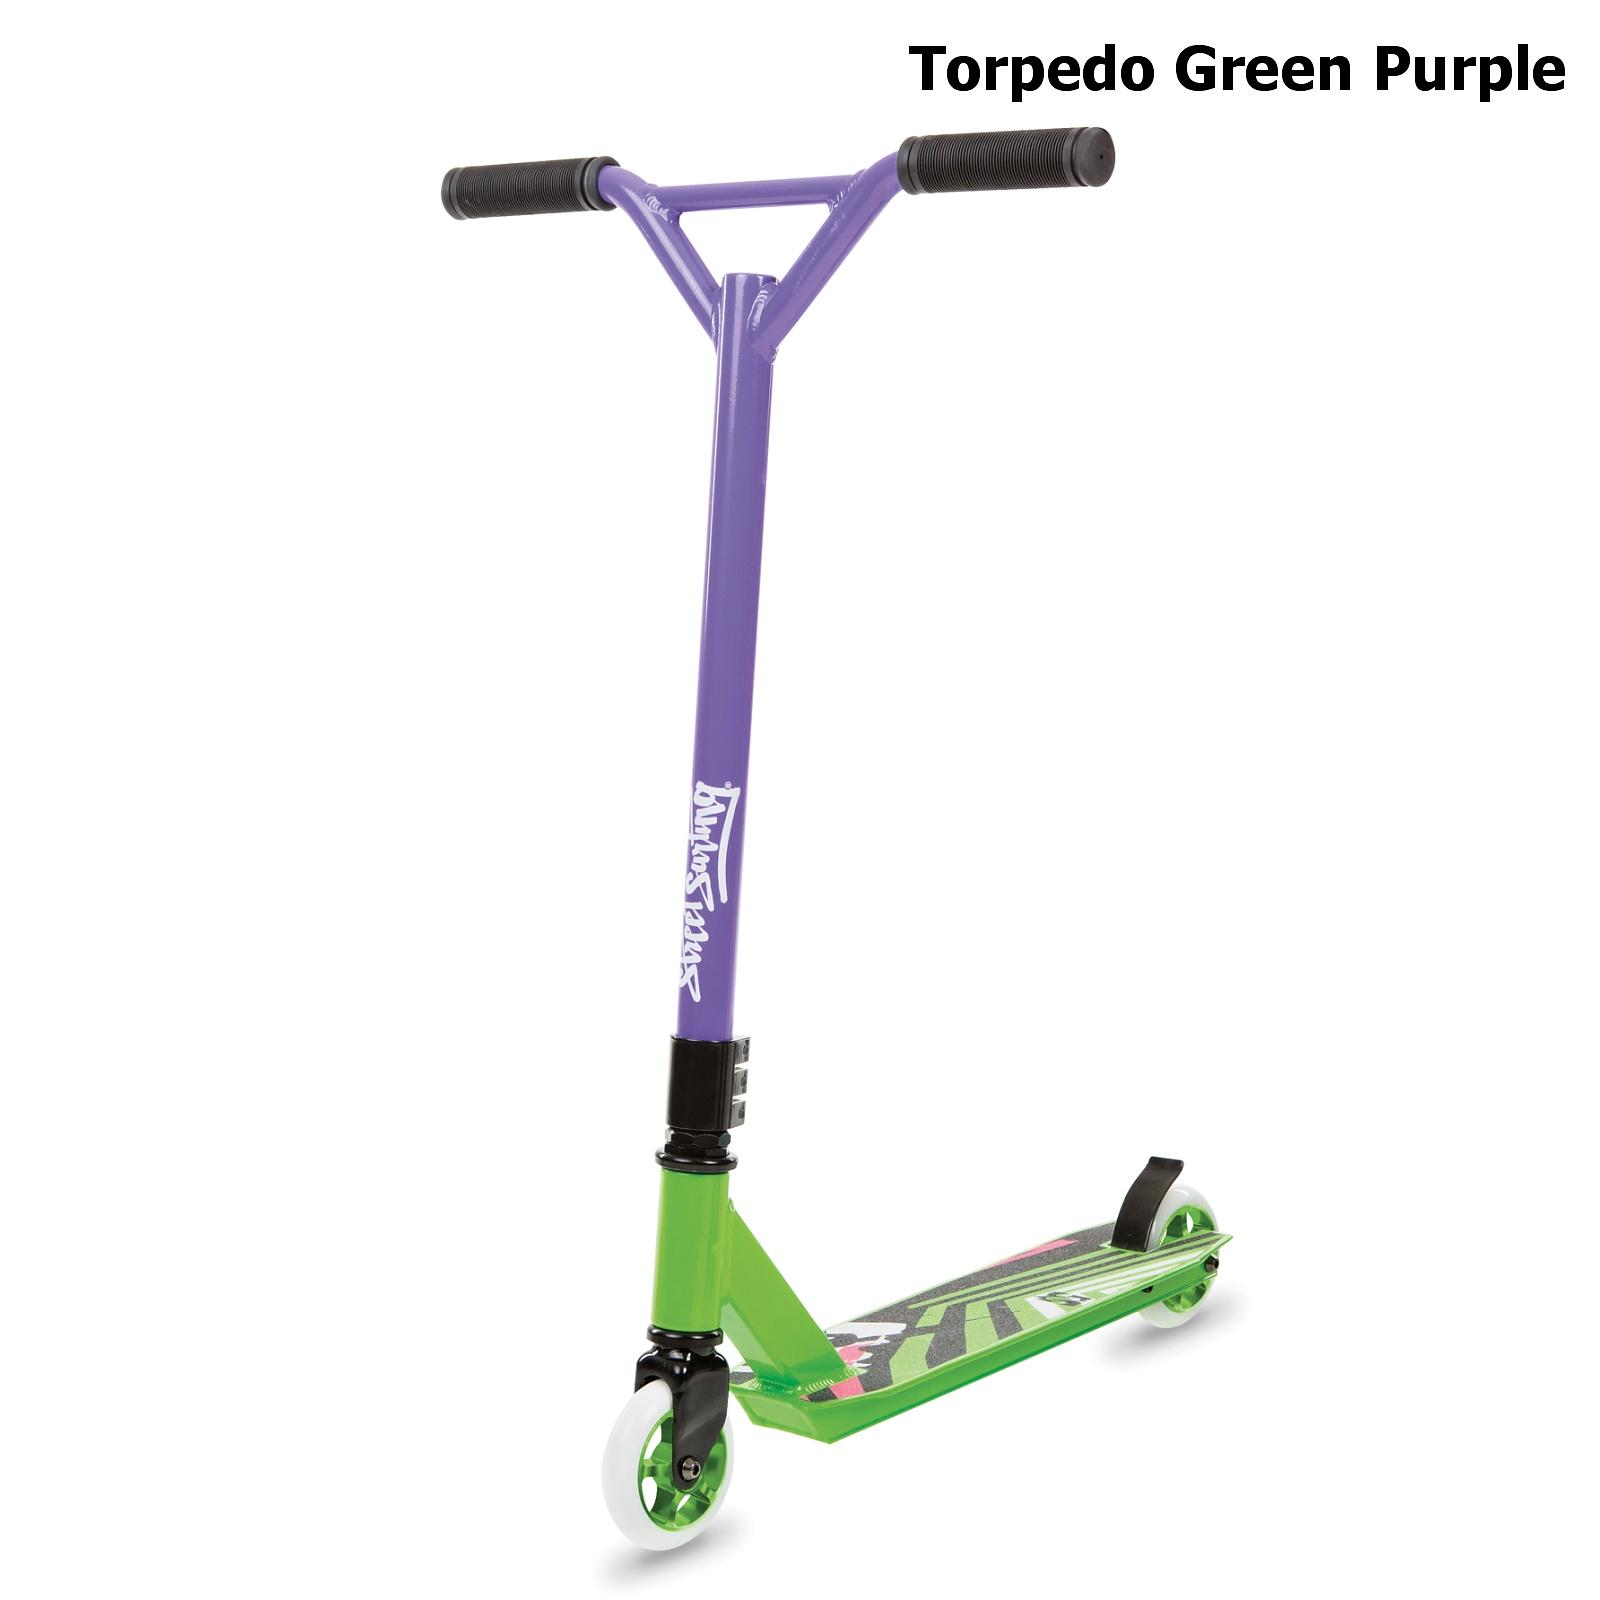 Freestylová koloběžka STREET SURFING Torpedo - zeleno-fialová